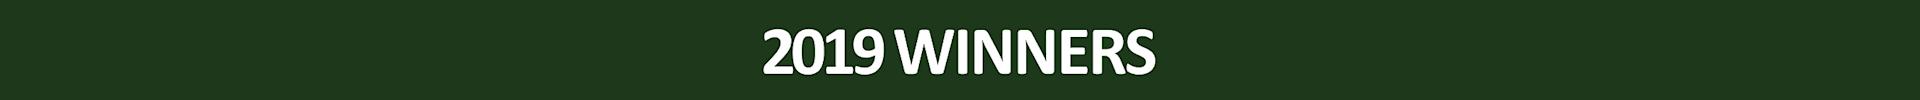 2019 winners fullwidth7